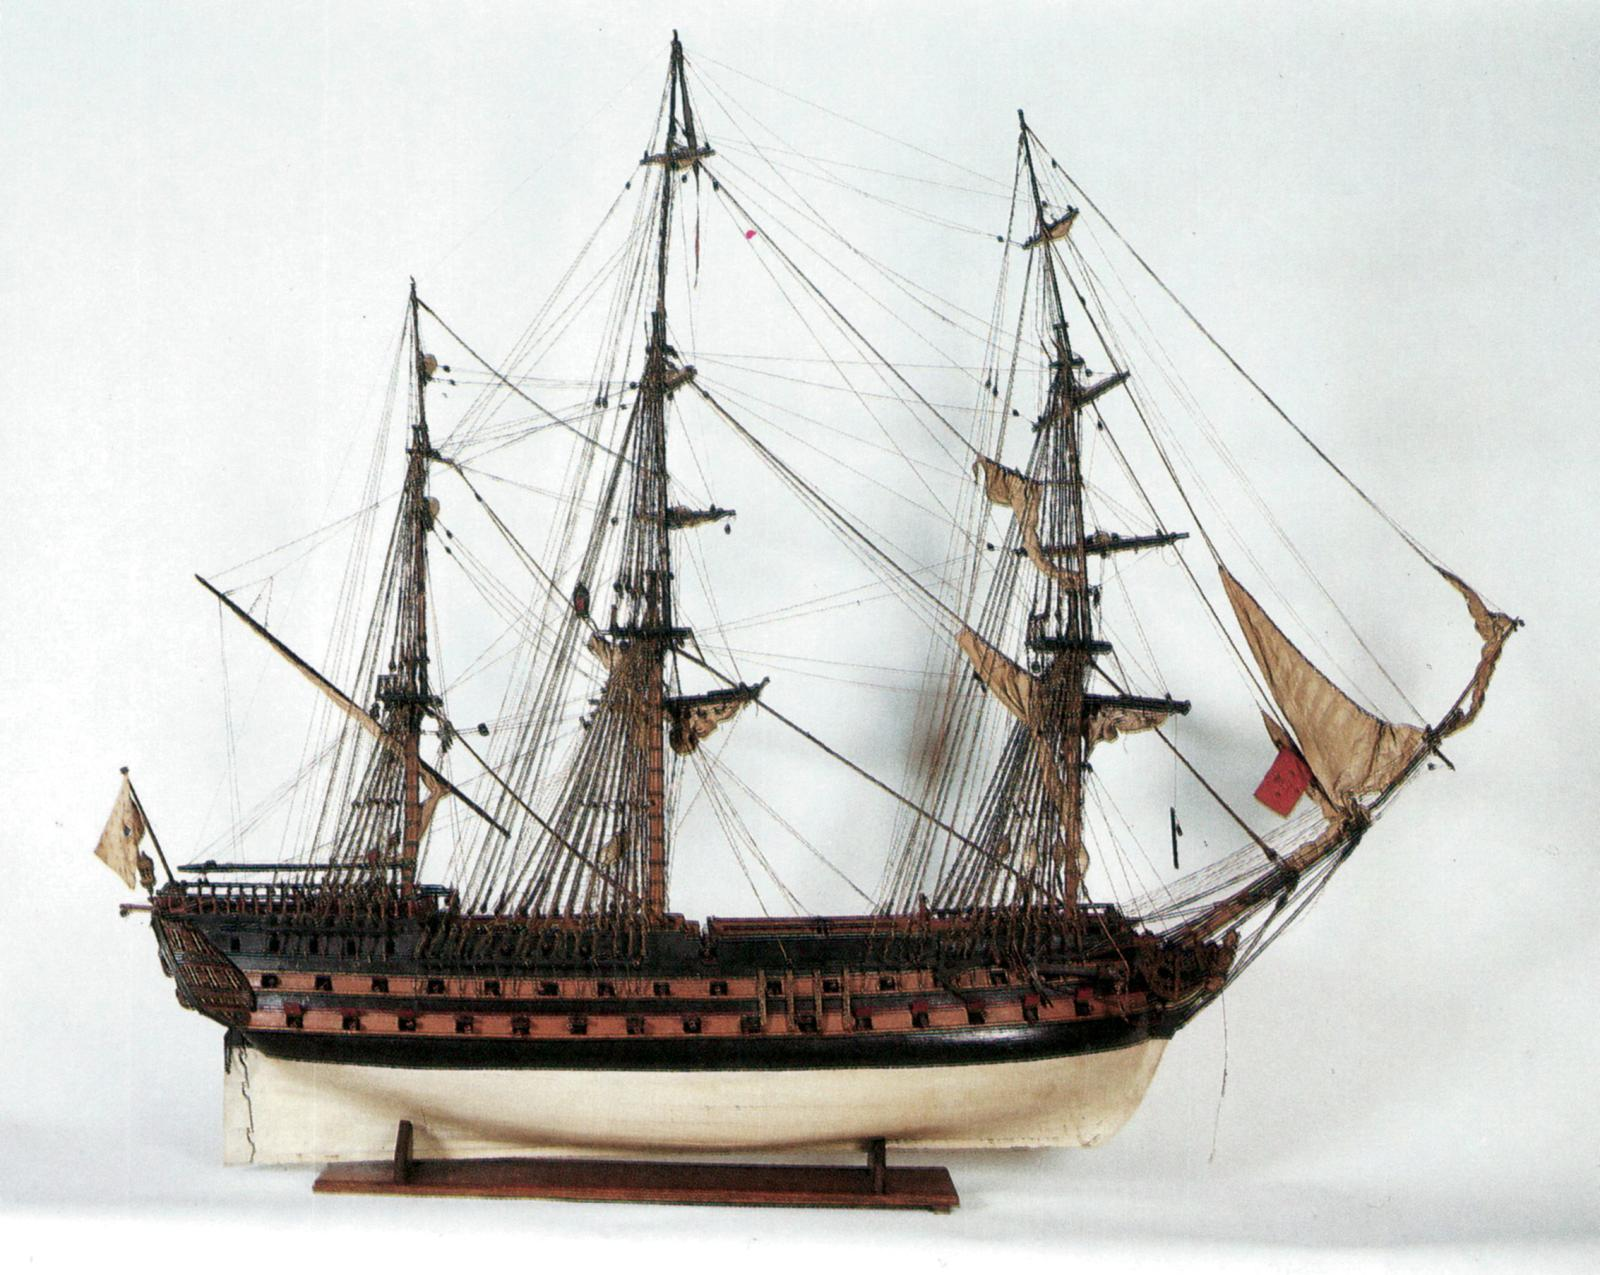 Maquette du Conquérant, travail français du début du XIXesiècle, 190x171cm. Cheverny, Orangerie du Château, 11juin1989. Rouillac OVV. Adjugé: 2